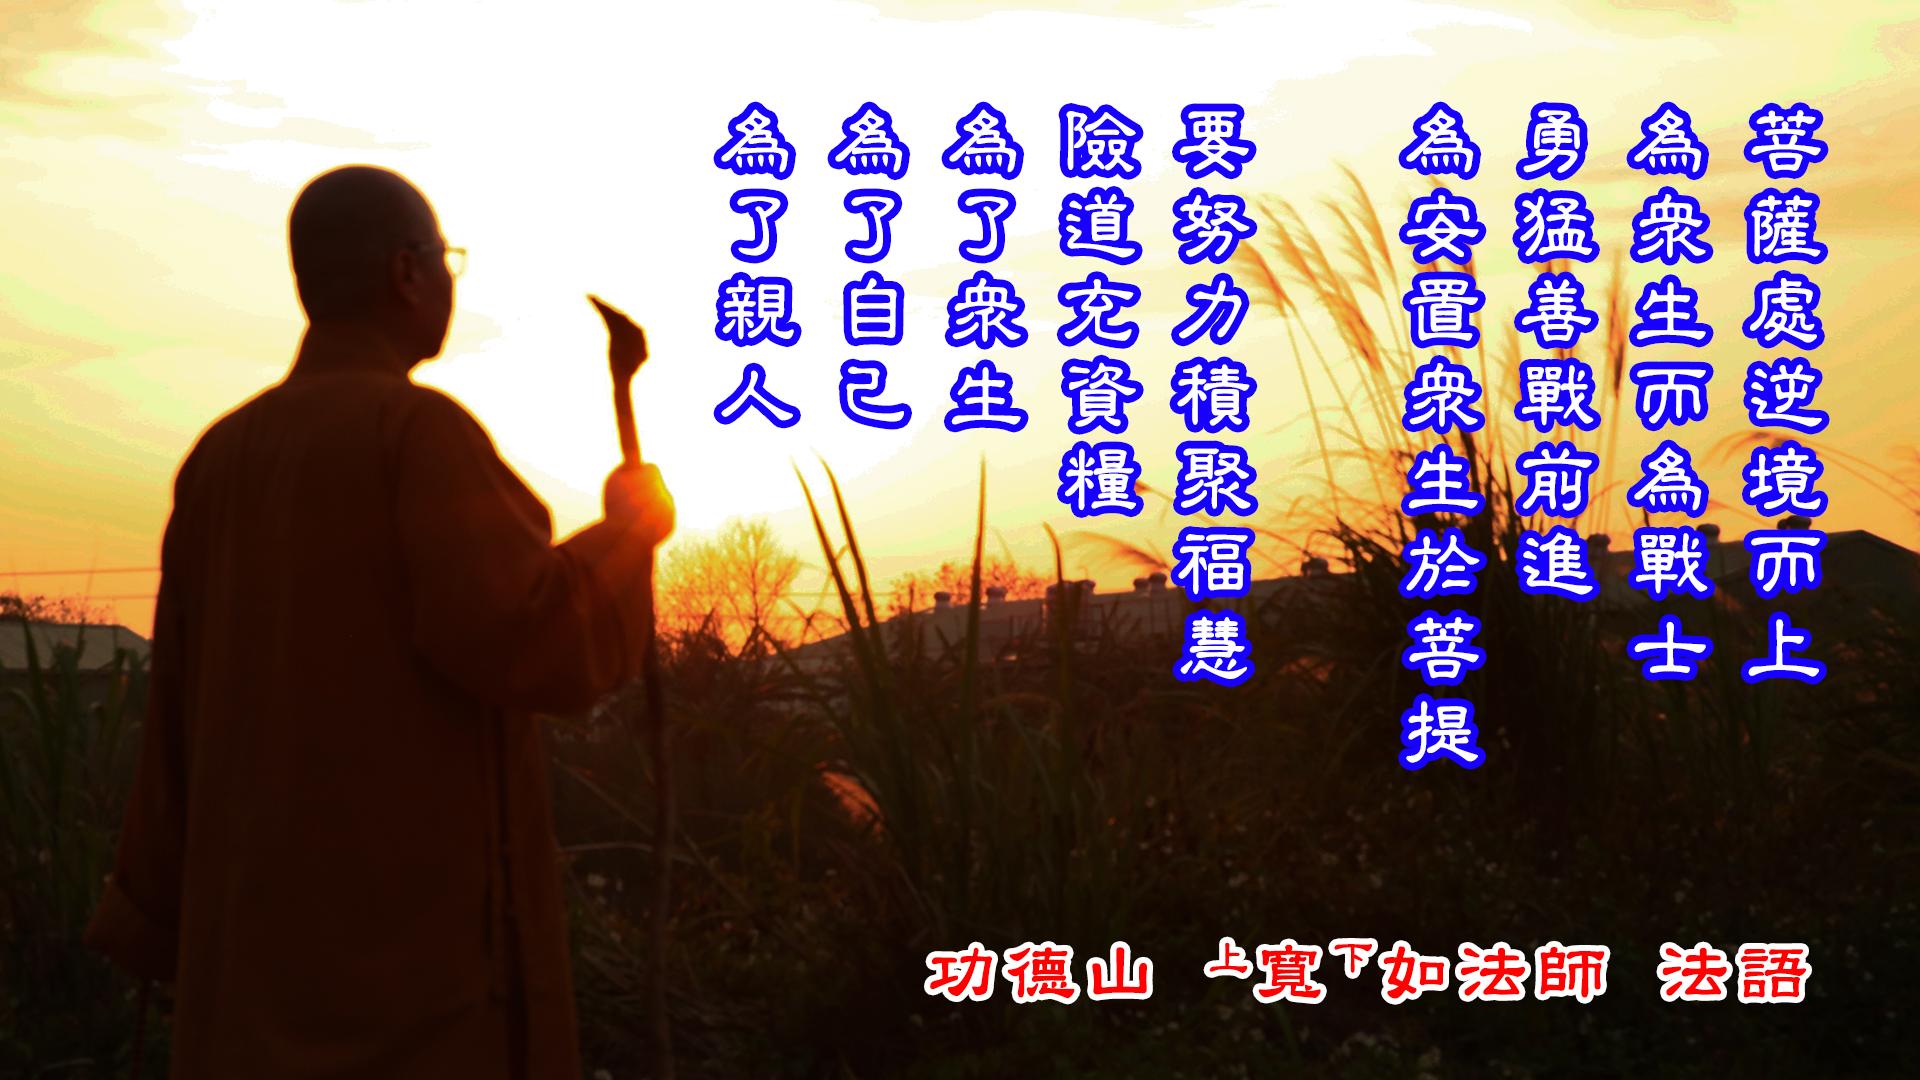 70.為什麼「菩提心」那麼重要?